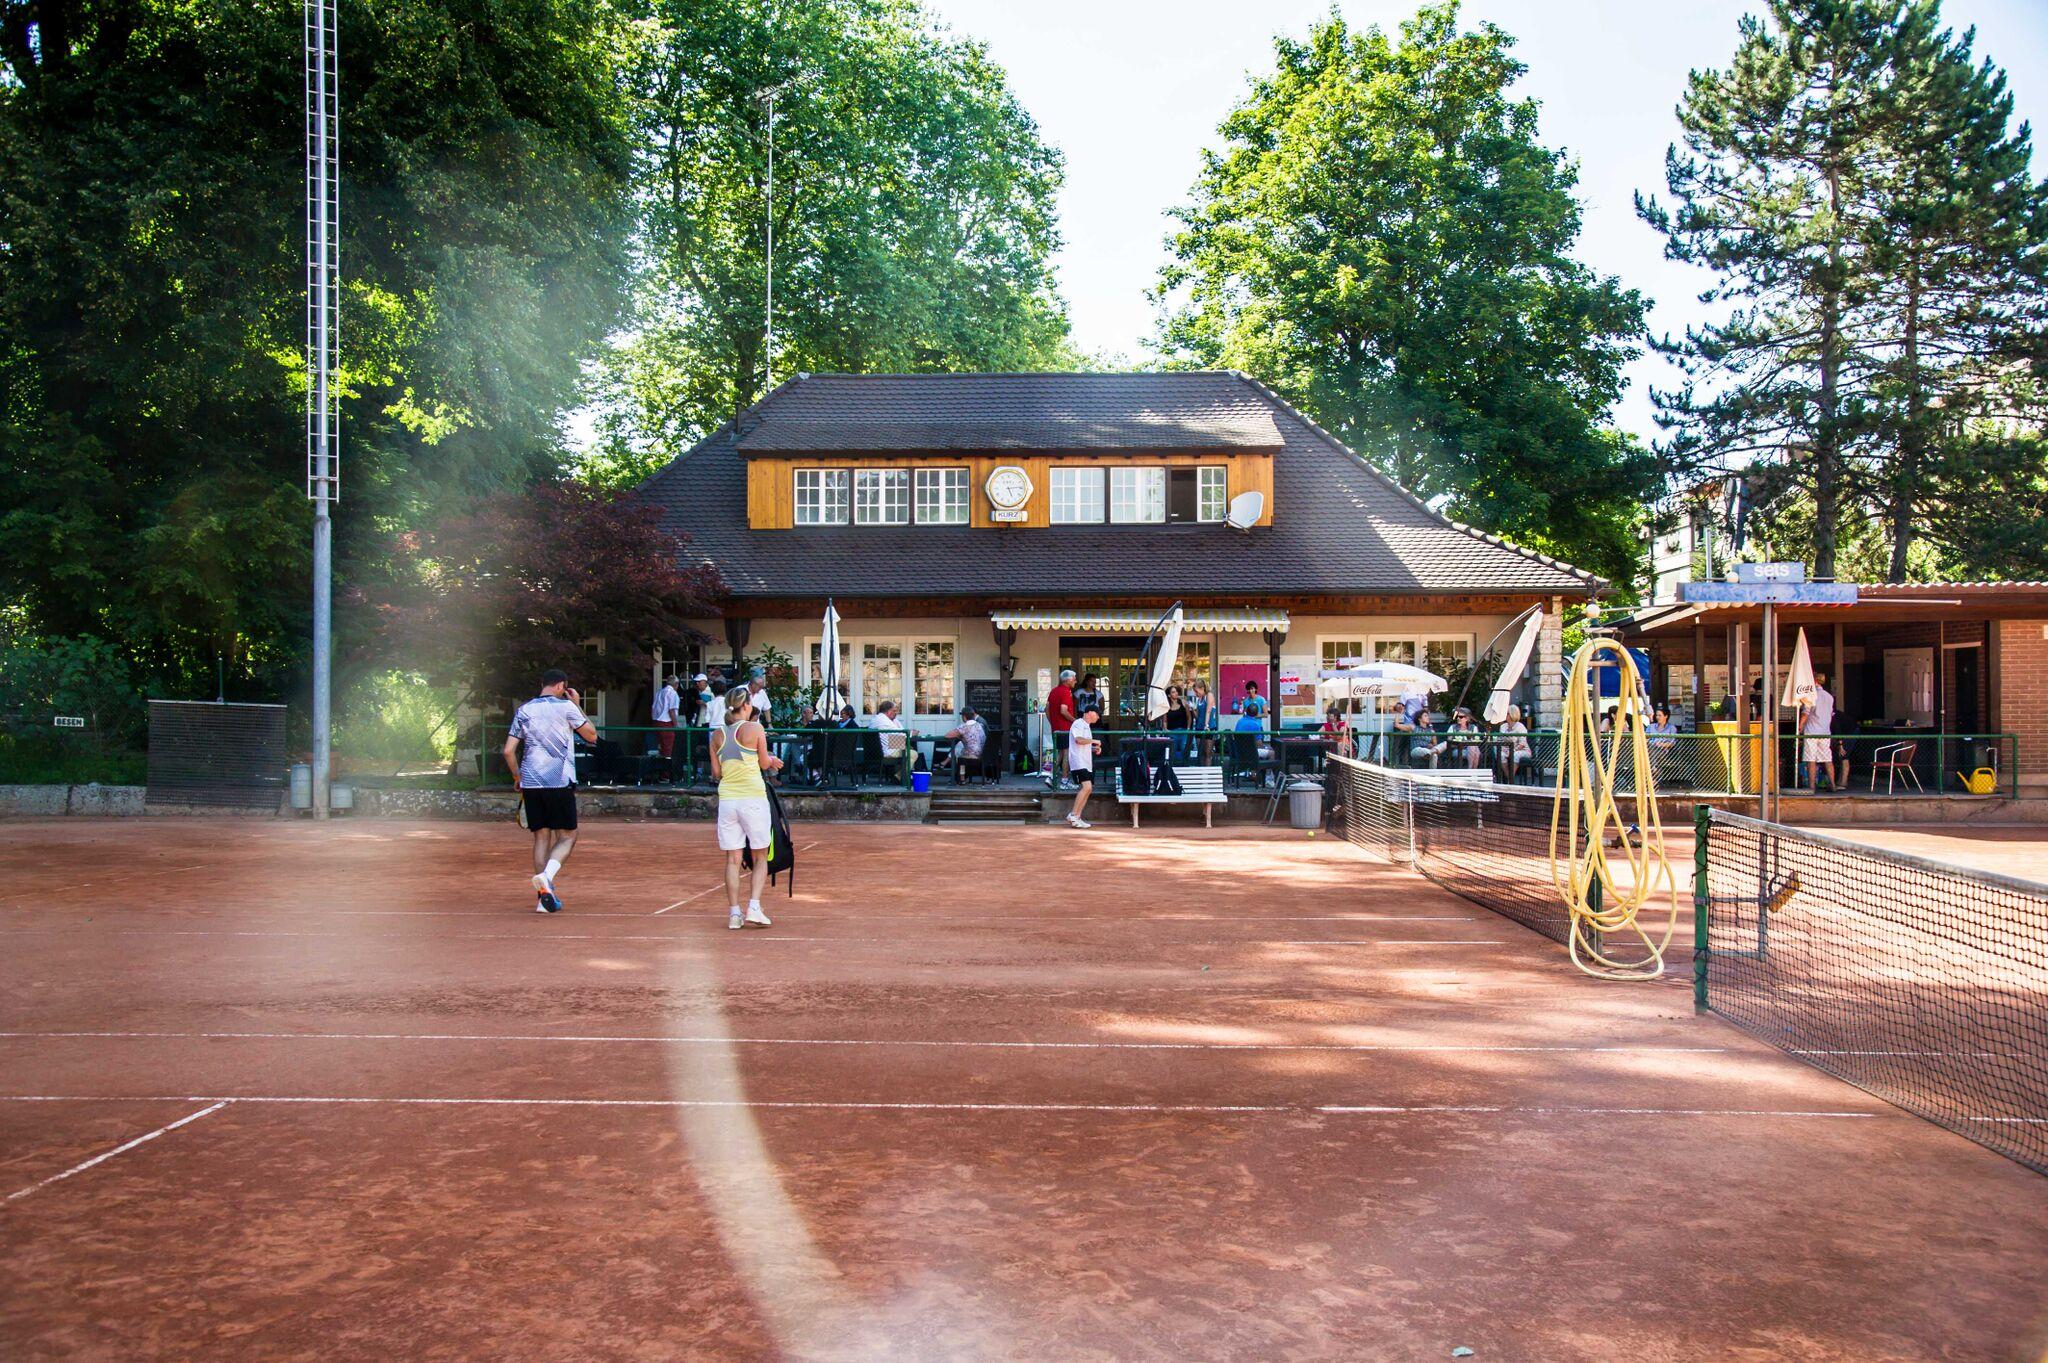 Willkommen im BLTC - - Willkommen im BLTC - dem traditionellen Tennisclub im idyllischen Margarethenpark.> Mehr